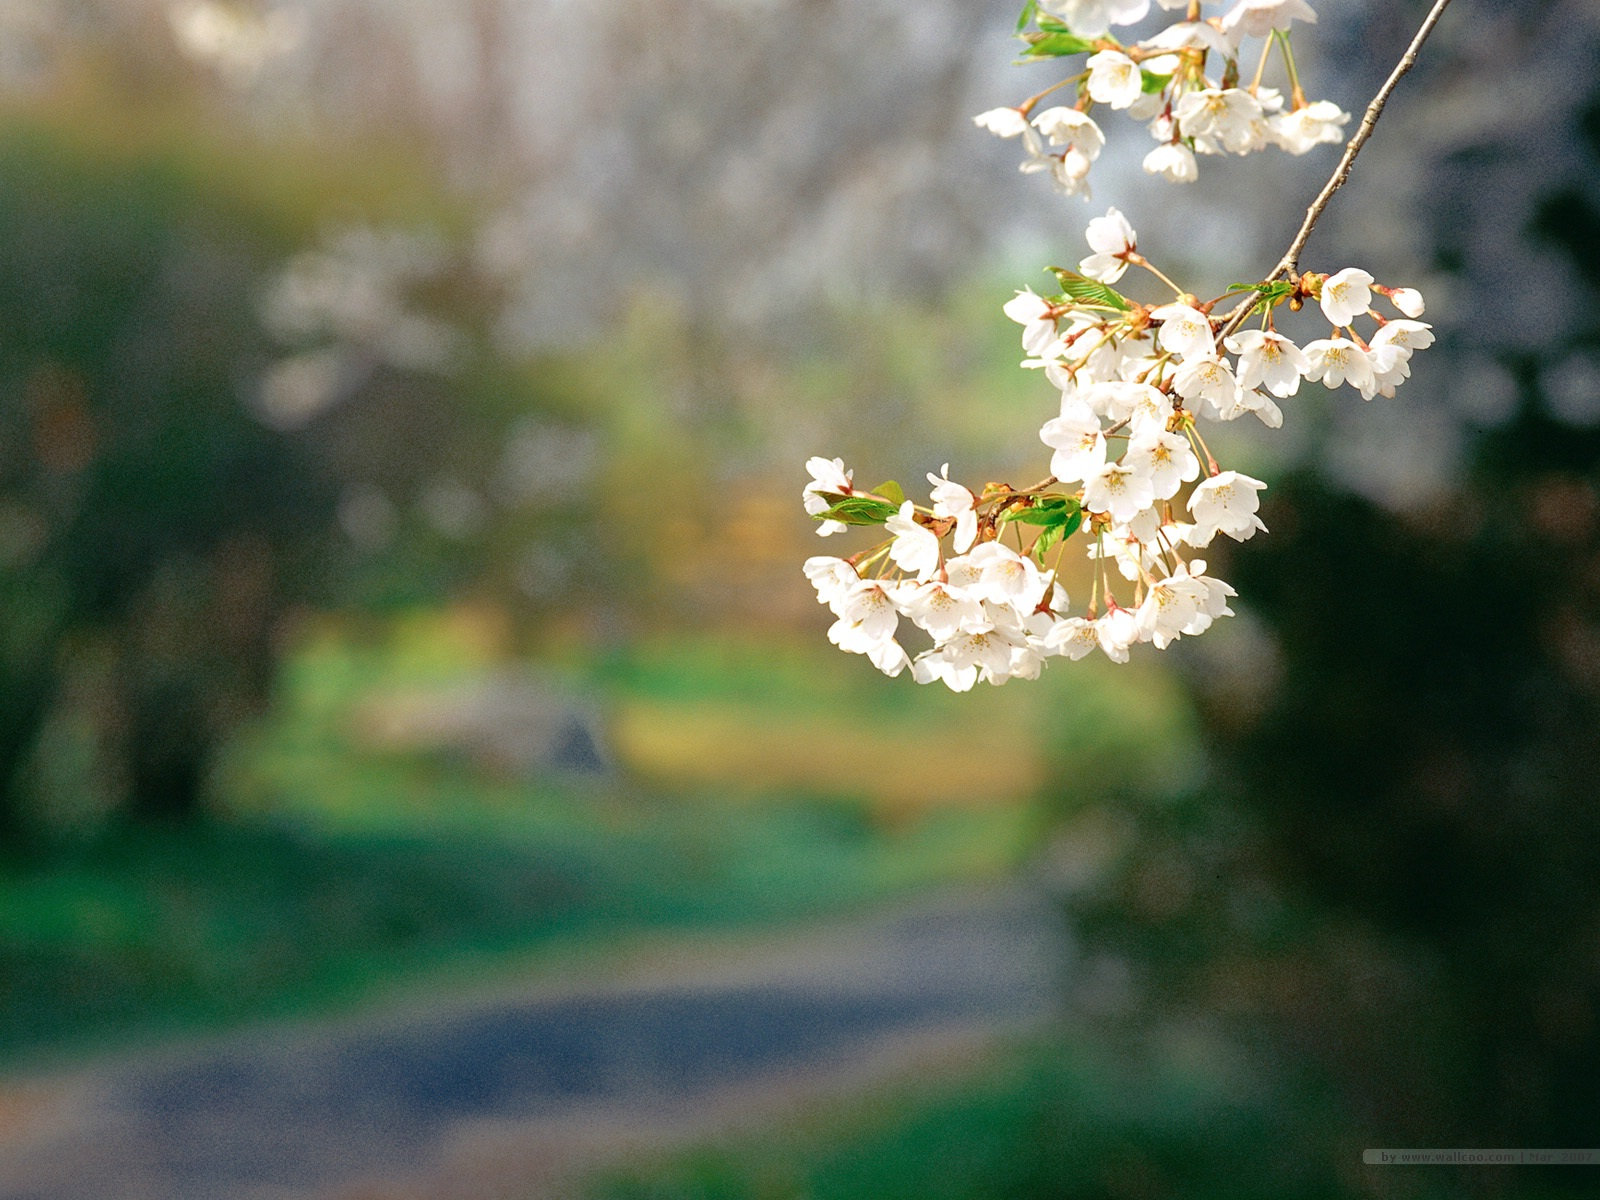 壁纸1600×1200二 春天花卉图片壁纸 Desktop Wallpaper of Spring Flowers壁纸 春暖花开壁纸图片花卉壁纸花卉图片素材桌面壁纸